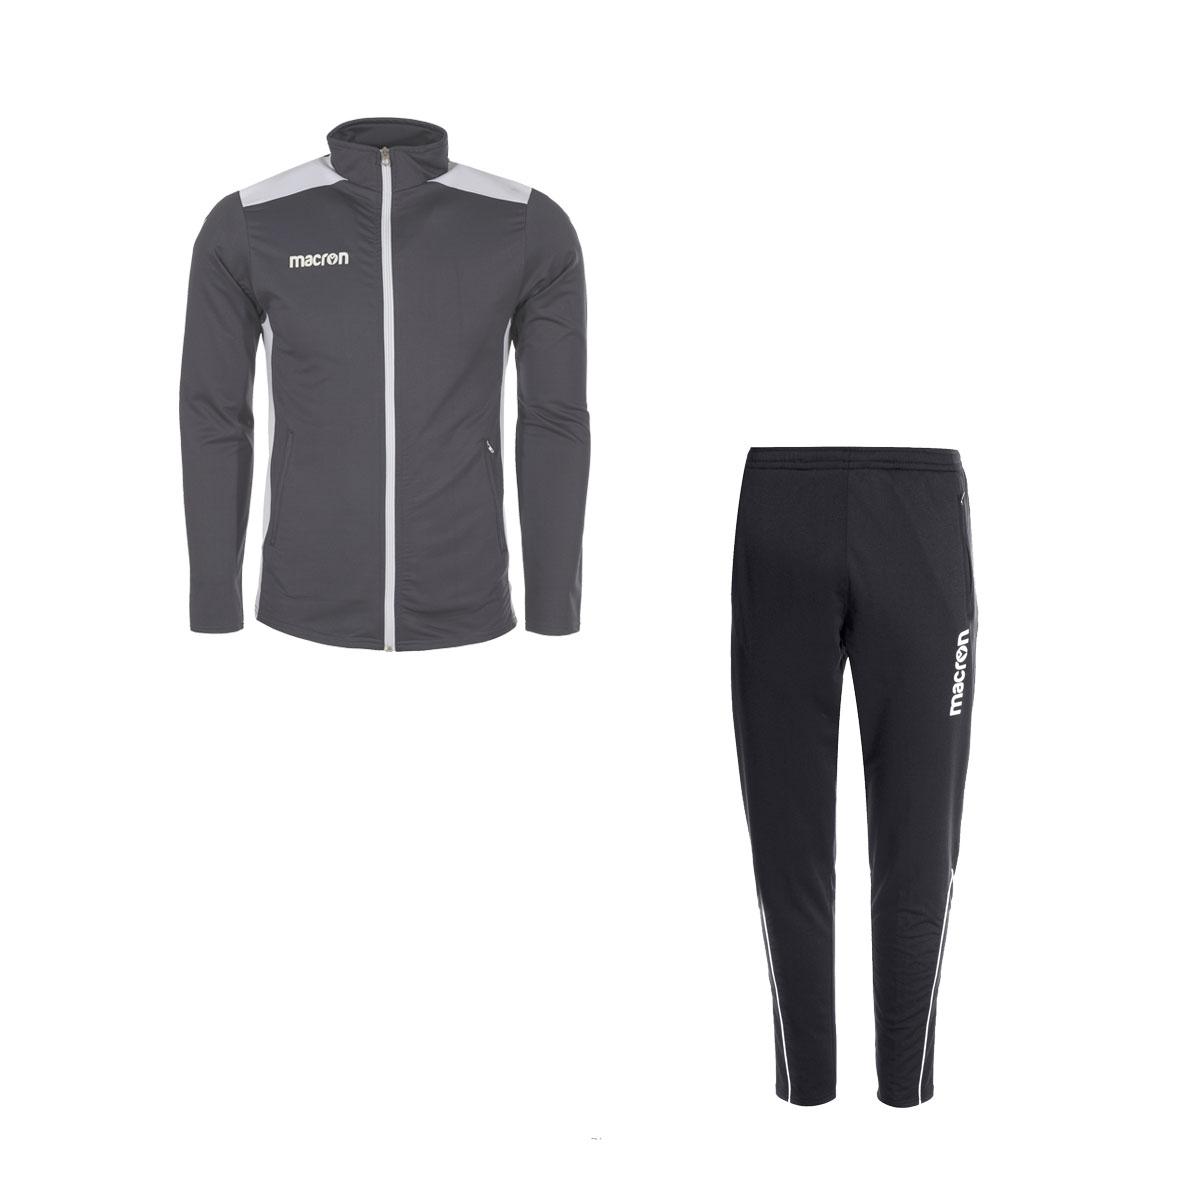 خرید                      ست سویشرت و شلوار ورزشی مردانه مکرون مدل نیکسی